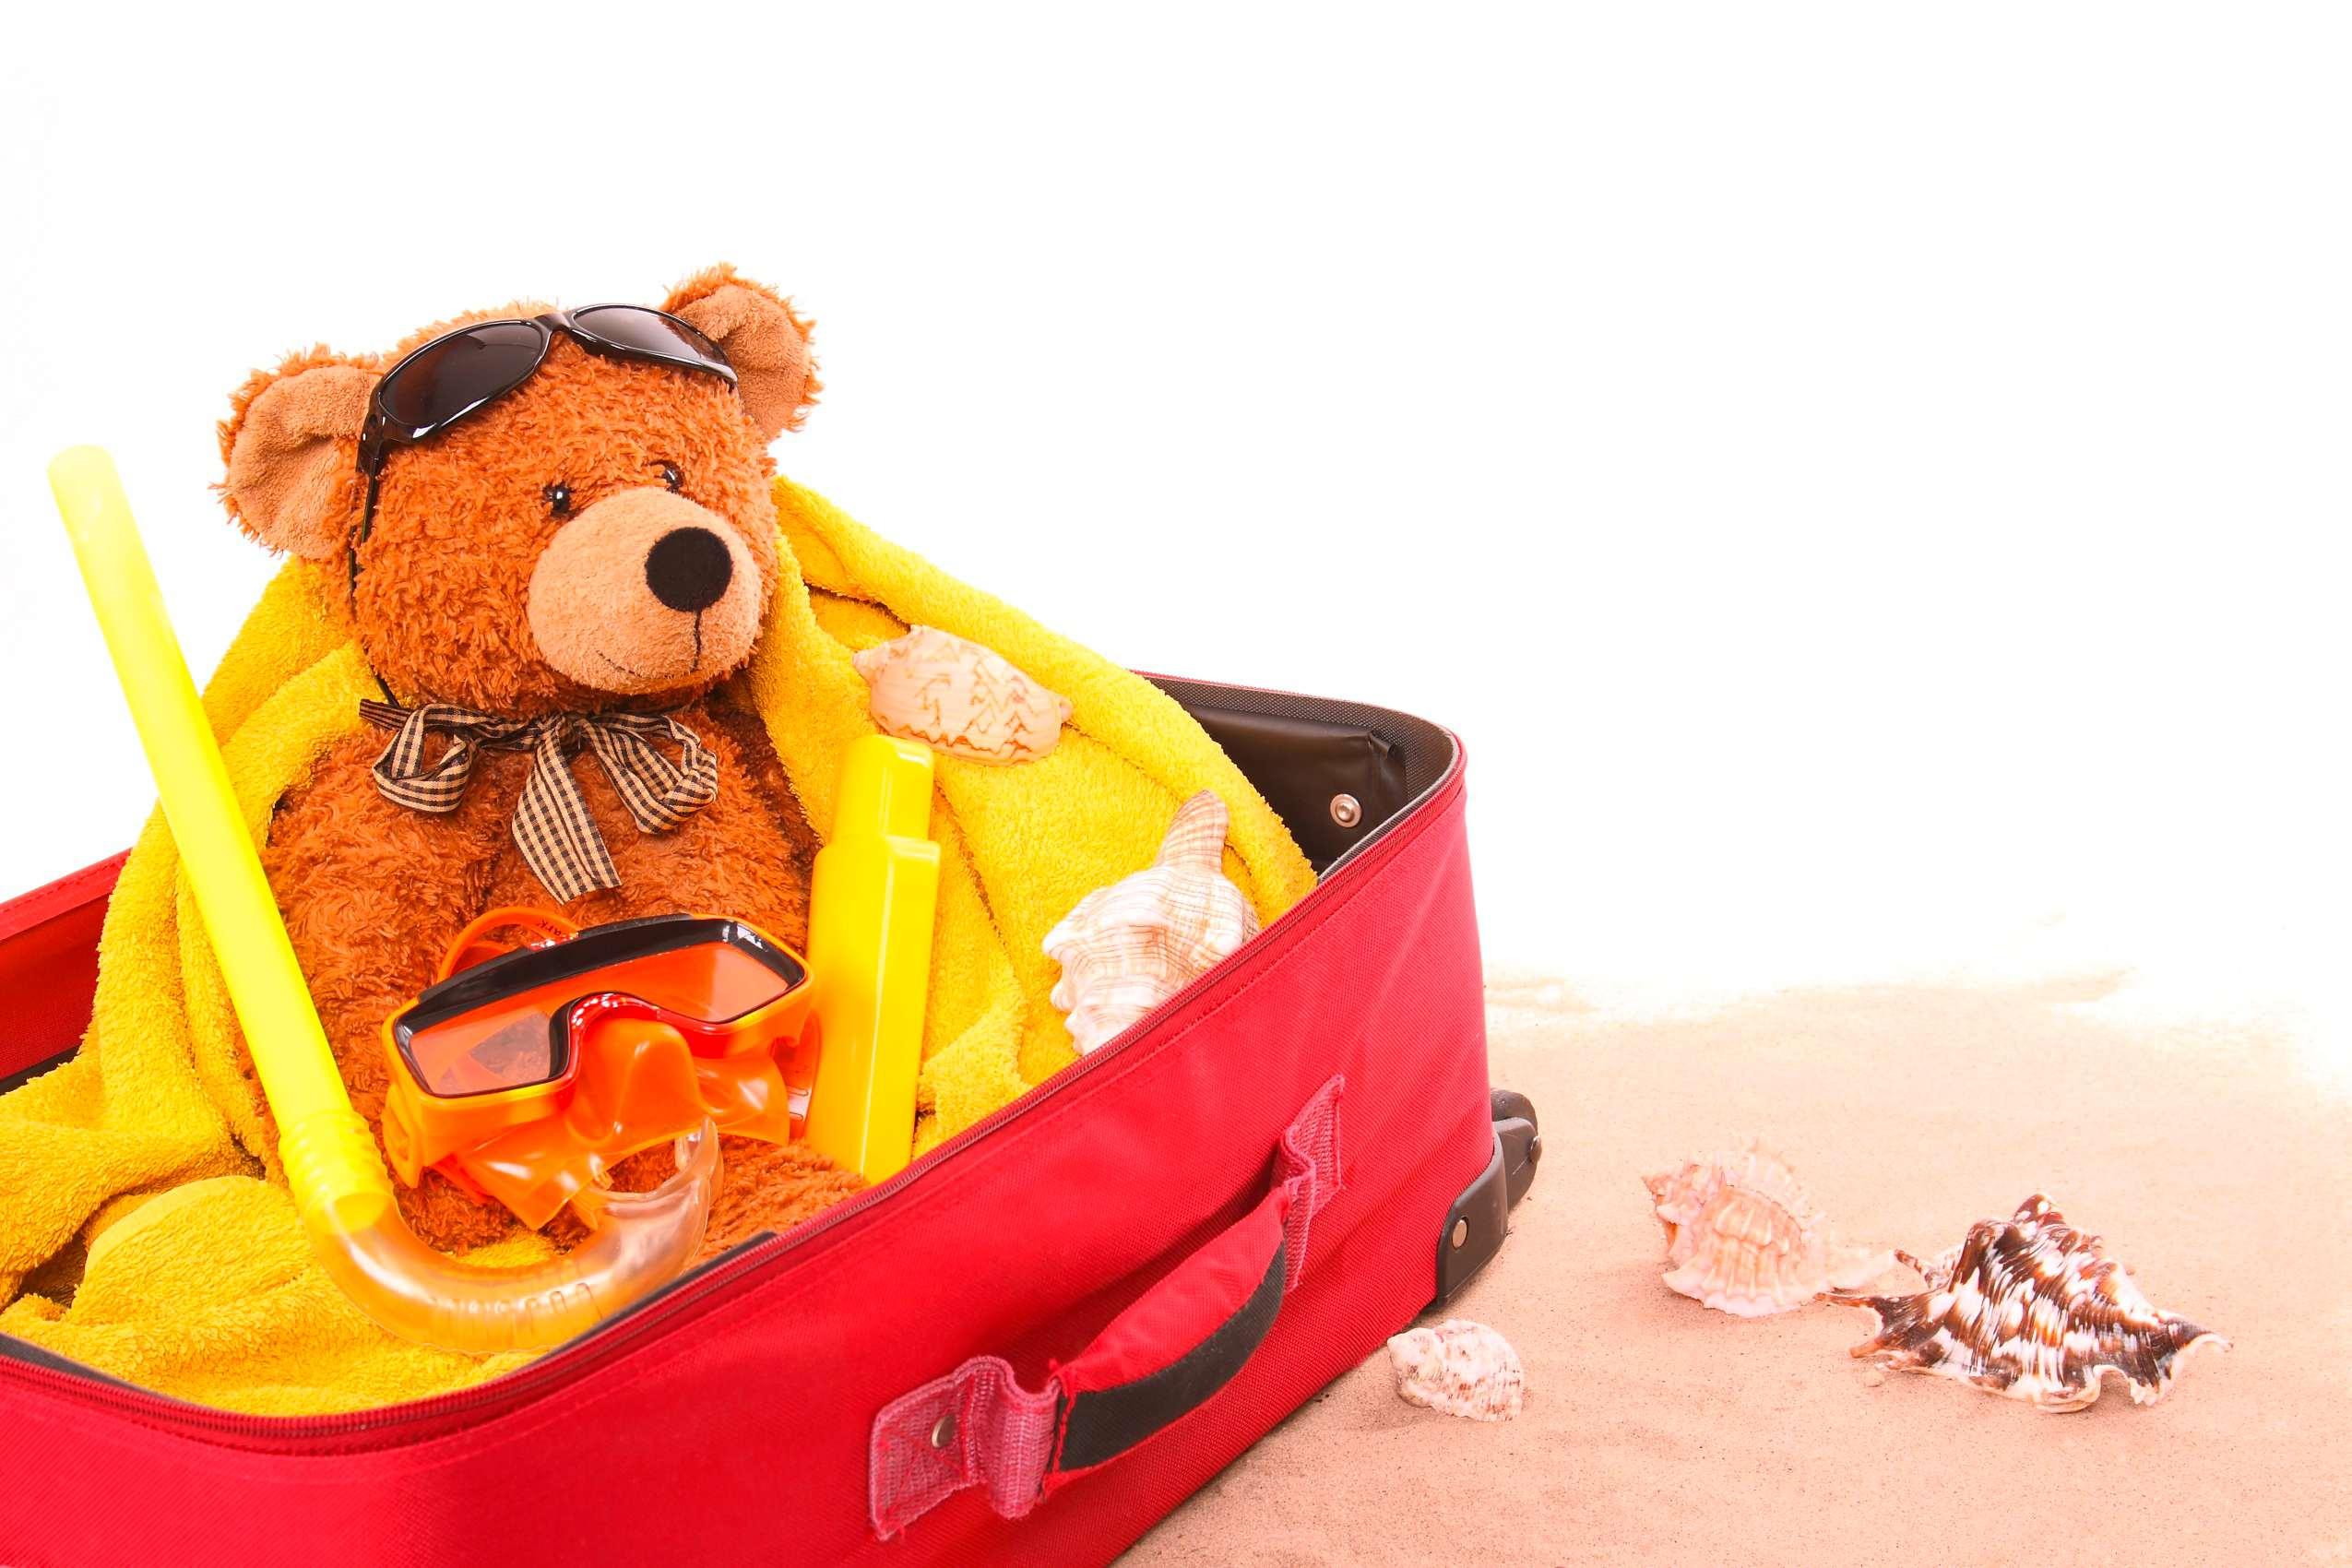 Koffer für den Familienurlaub mit Teddy und Schnorchel